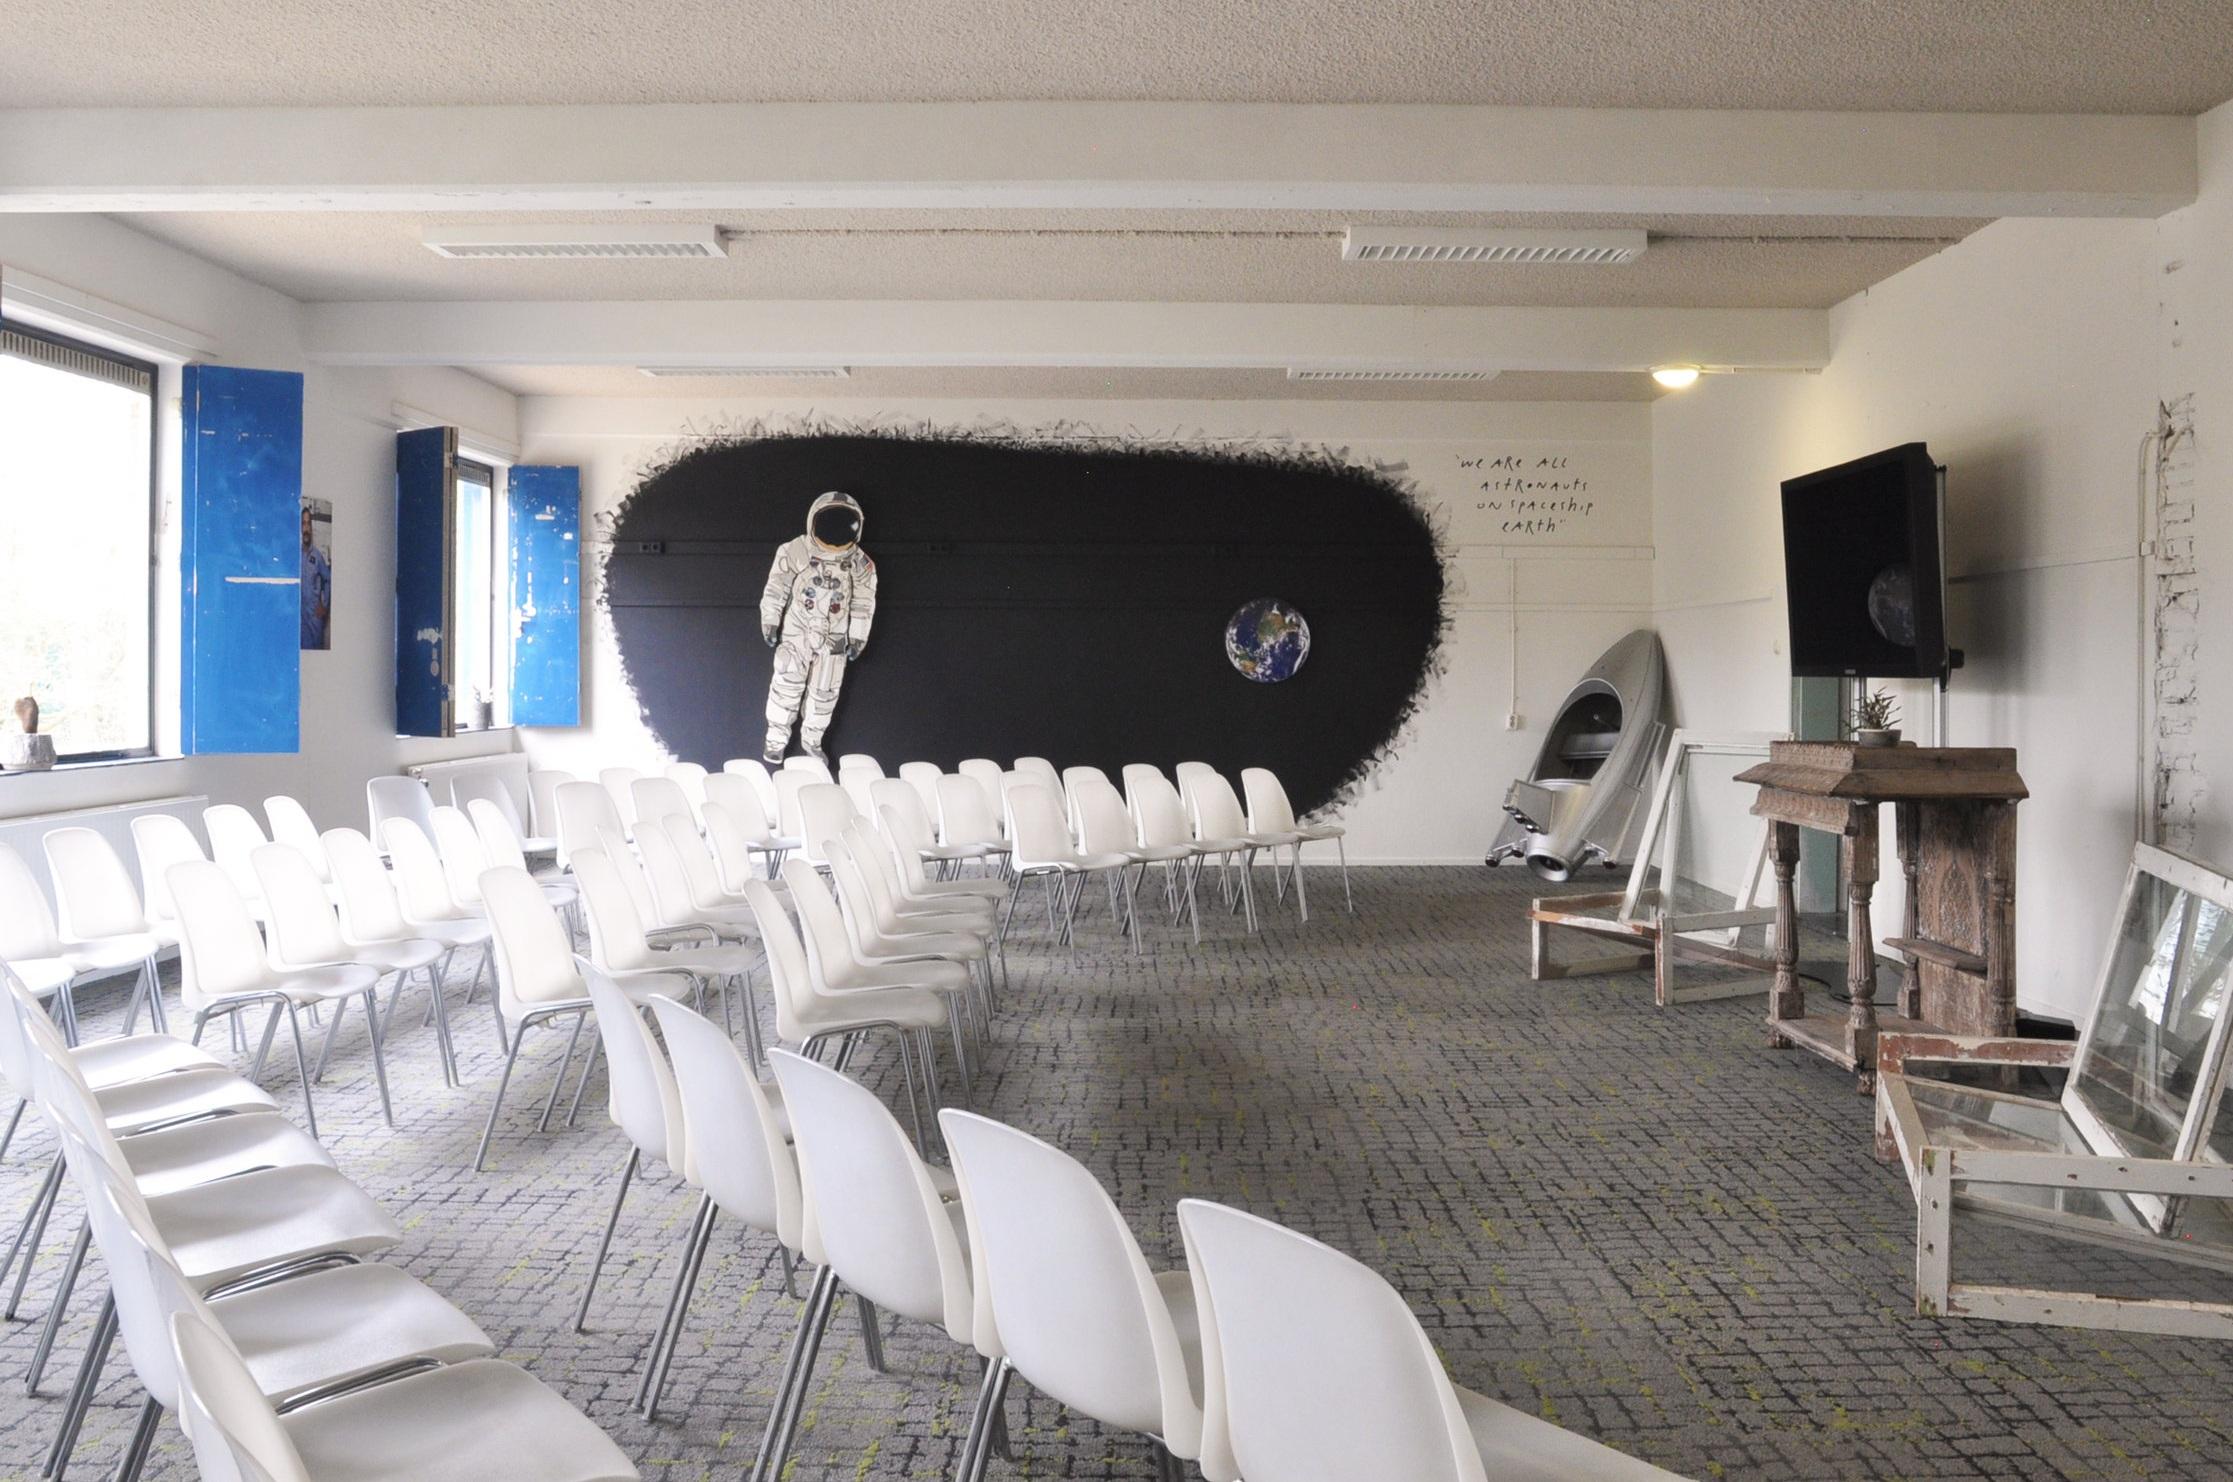 GROTE ZAAL - (OOK WEL ASTRONAUTENZAAL GENOEMD).Onze grootste presentatiezaal is gewijd aan 'het overview effect', het fenomeen waardoor astronauten allemaal als groene goeroes terug op aarde komen.Er kunnen hier maximaal 150 mensen zitten in onze prettige André Kuipstoeltjes. De zaal is 100 m2 groot en heeft veel daglicht. De huur voor een dagdeel is €750,- (voor 4 uur of deel daarvan). Voor een hele werkdag kost hij/zij/het €1150,-.Er staan standaard twee enorme LED schermen van 140 cm doorsnee. De hele zaal is te verduisteren met de ge-upcyclede deuren van de asielzoekersslaapkamers, waar ons pand 25 jaar lang tjokvol mee zat.Door een akoestisch plafond en circulaire tapijttegels* gebruiken we zelden versterking, maar op verzoek kunnen we alle denkbare audiovisuele zaken verzorgen.Standaard is de opstelling van de stoelen in de breedte van de zaal, maar met liefde draaien we ze en stellen we alles in de lengte op.Natuurlijk wordt een vergaderarrangement, lunch of aansluitend een borrelarrangement op maat verzorgd. In overleg is dineren ook mogelijk.Wil je deze zaal reserveren? Stuur een mail met de specificaties naar DOEJEDING at DEGROENEAFSLAG.nl en we sturen als de wiedeweerga een offerte terug.* Het tapijt in deze kamer is geschonken door de firma Interface. 100% Cradle to Cradle, want gemaakt van uit zee geviste visnetten.